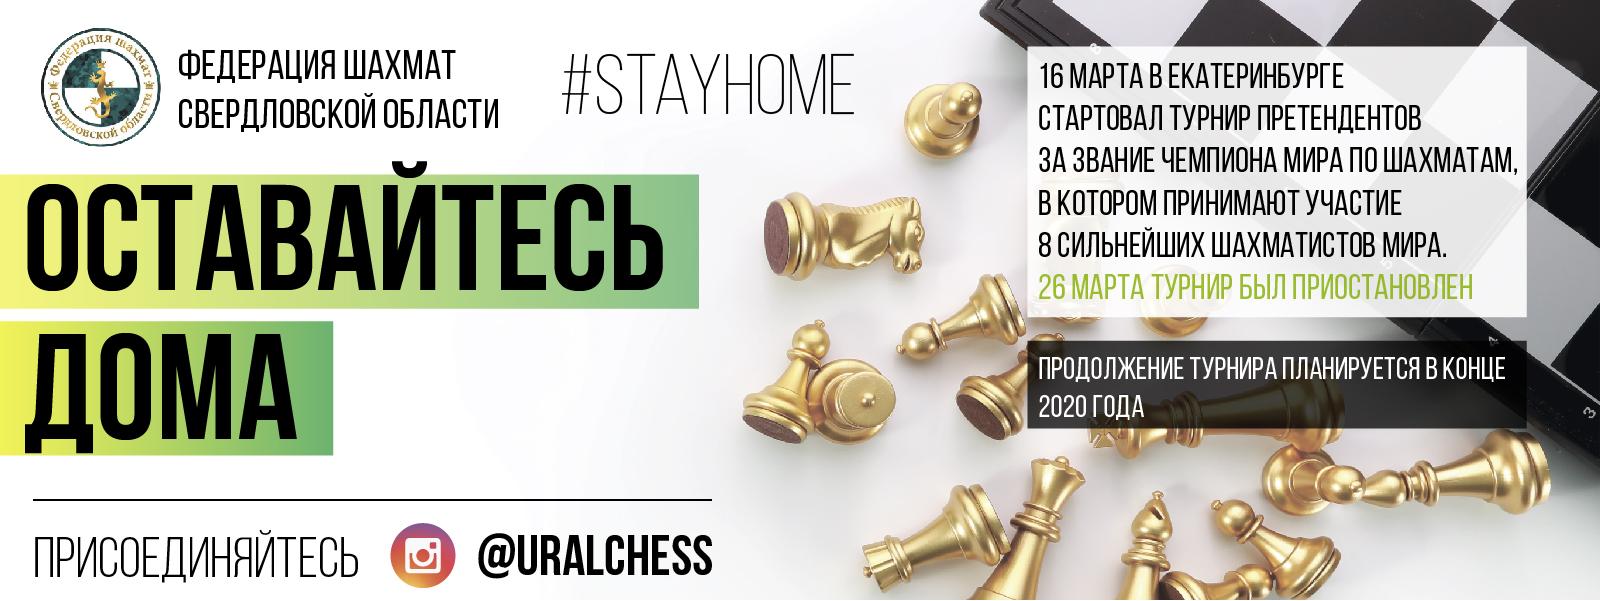 Оставайтесь дома